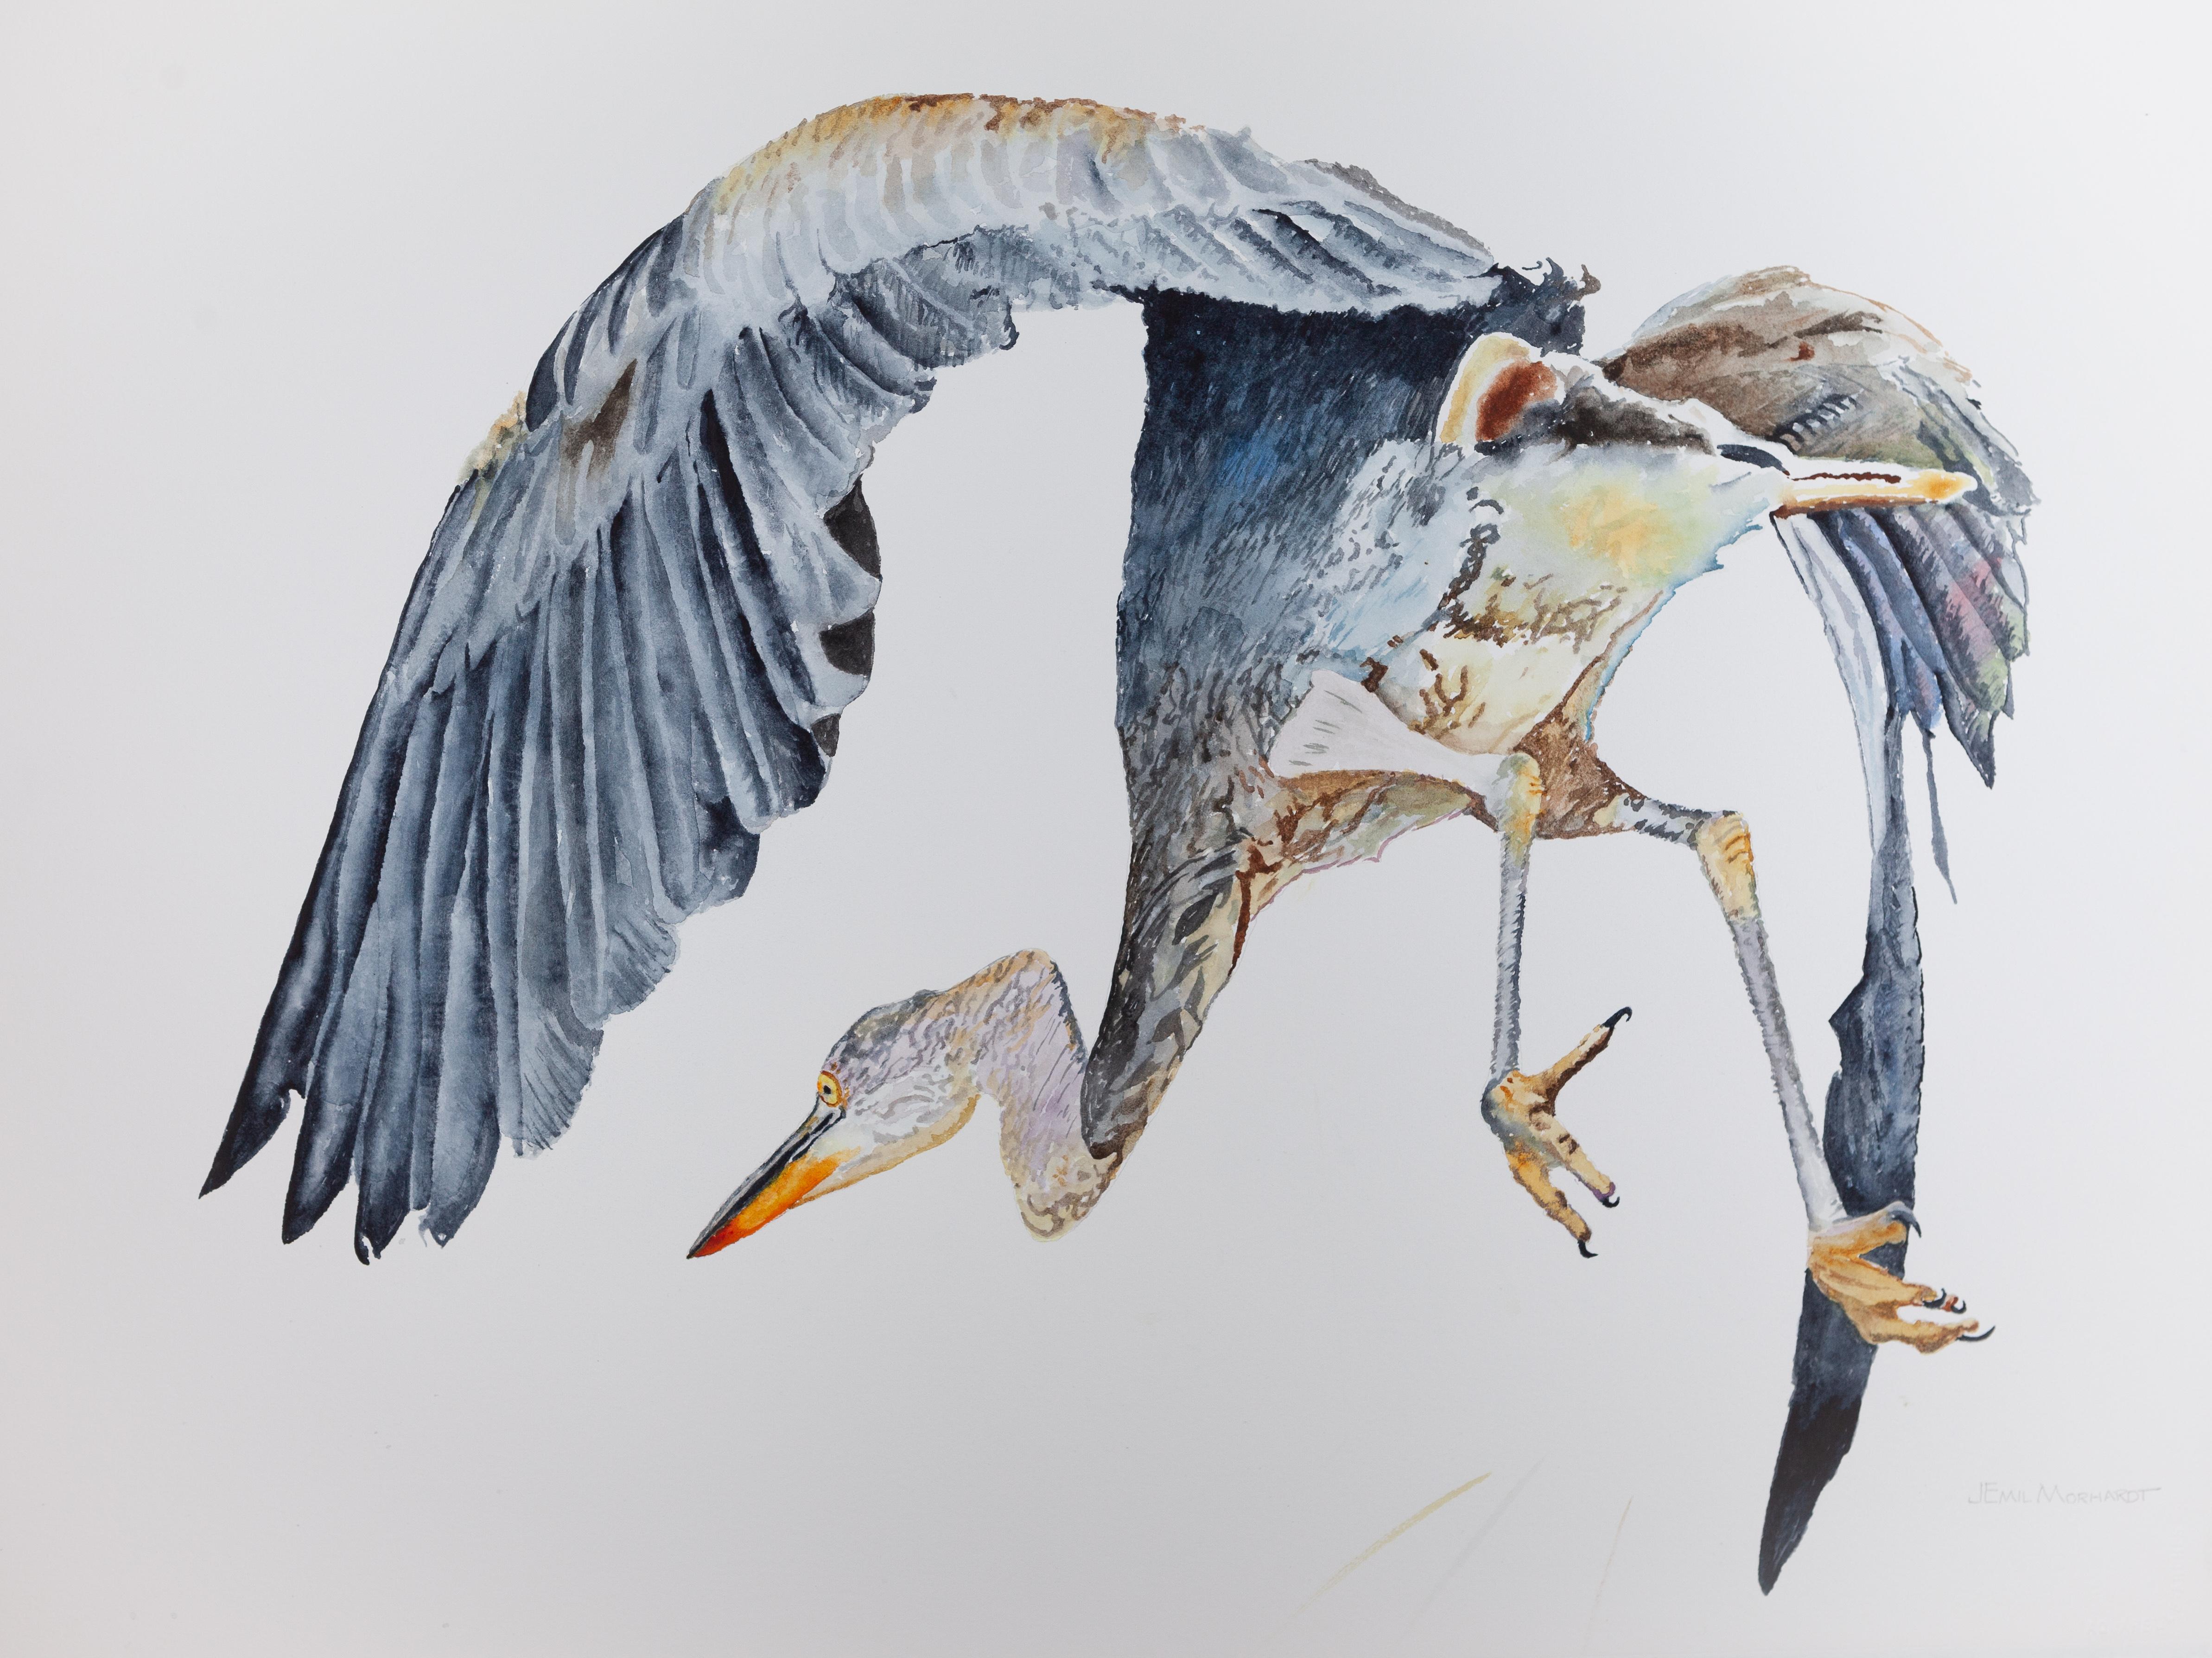 Heron, Great Blue #2 IMG_0344